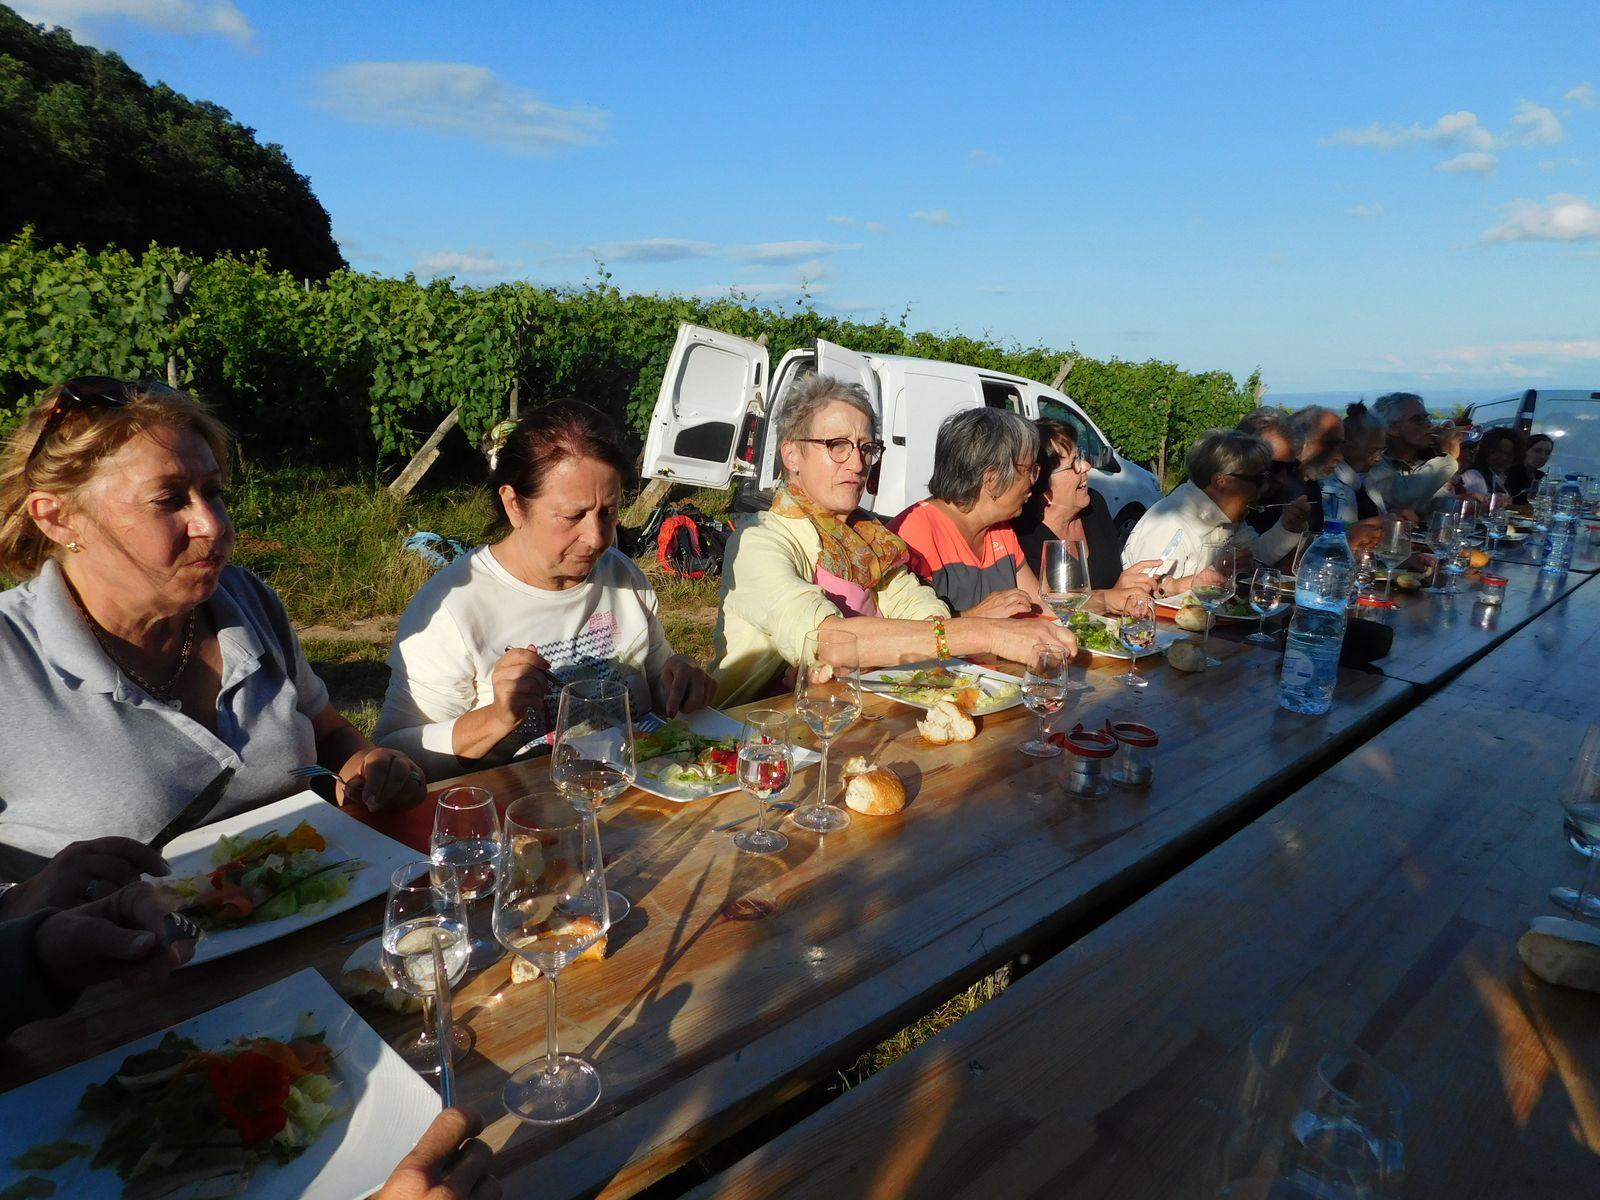 Magnifique soirée dans les vignes avec le beau temps Merci Odile pour cette belle réusite           db